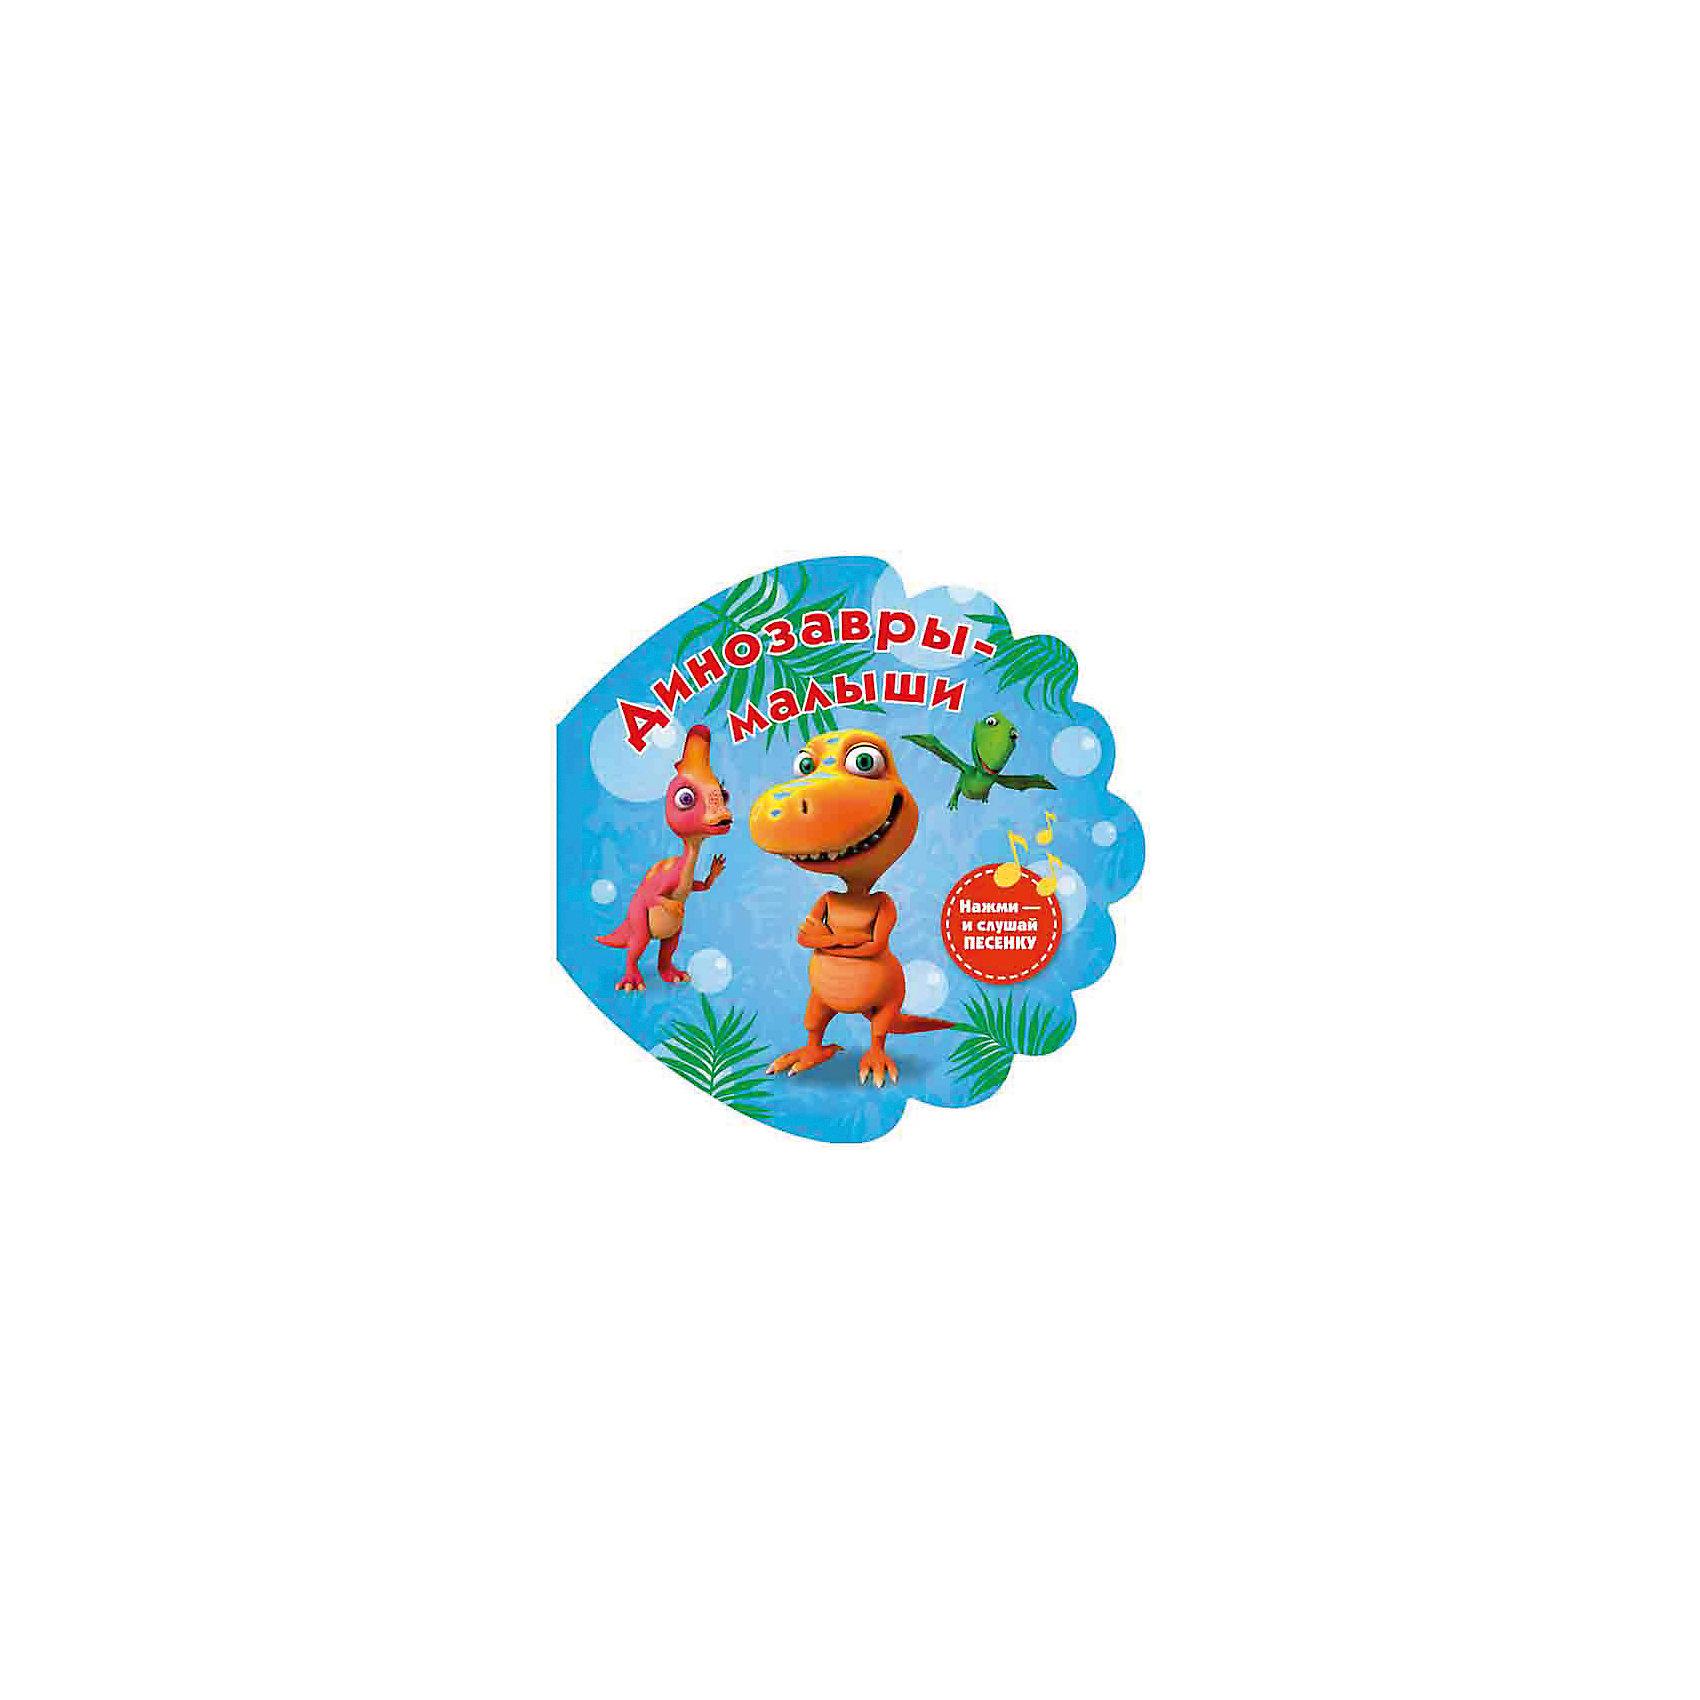 Книга для ванны Динозавры-малыши, Поезд динозавровС этой прекрасной яркой книжкой можно не расставаться даже во время купания! Нажми на кнопочку и ты услышишь веселую песню.<br><br>Дополнительная информация:<br><br>- Формат: 16х16 см<br>- Материал: пластик.<br>- Количество страниц: 8.<br>- Иллюстрации: цветные.<br>- Элемент питания: 3 х AG3 / LR41 (таблетки, в комплекте).<br><br>Книгу для ванны Динозавры-малыши, Поезд динозавров, можно купить в нашем магазине.<br><br>Ширина мм: 170<br>Глубина мм: 220<br>Высота мм: 20<br>Вес г: 60<br>Возраст от месяцев: 12<br>Возраст до месяцев: 60<br>Пол: Унисекс<br>Возраст: Детский<br>SKU: 4053276